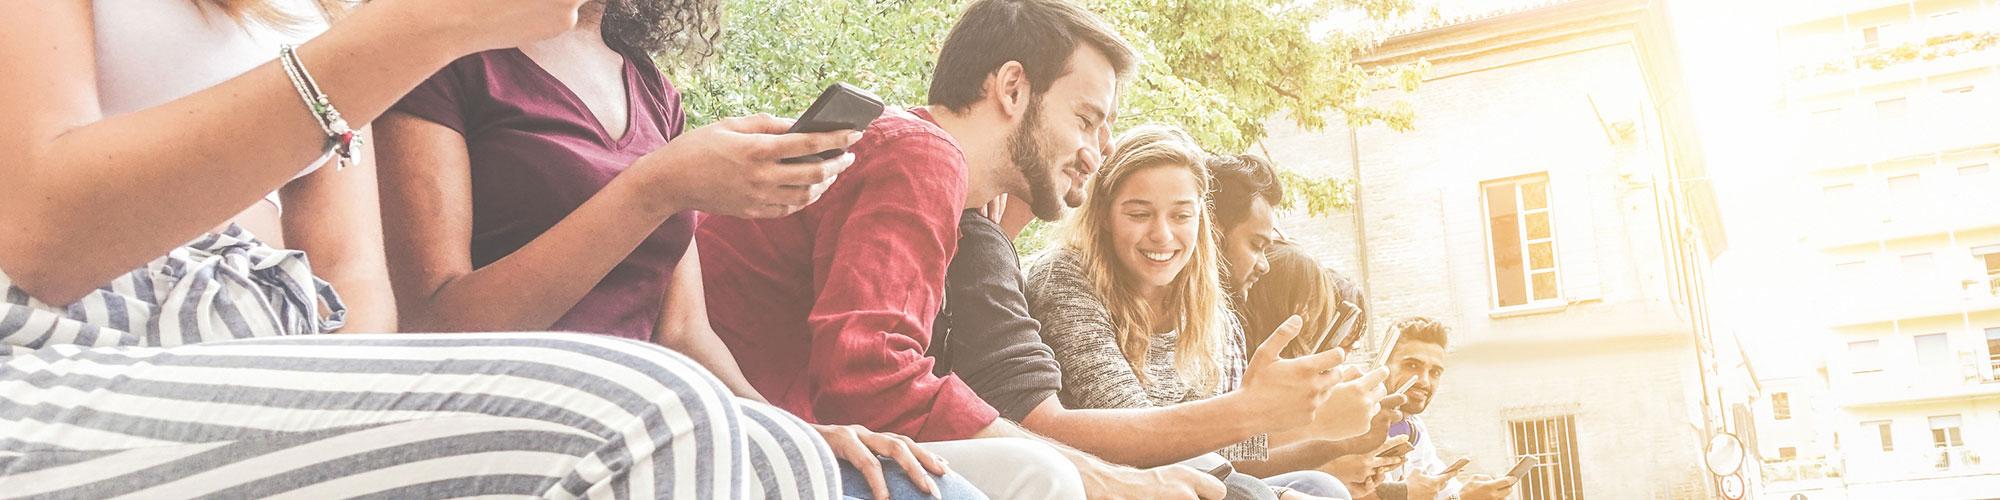 Jugendliche der Generation Y mit Smartphones in den Händen